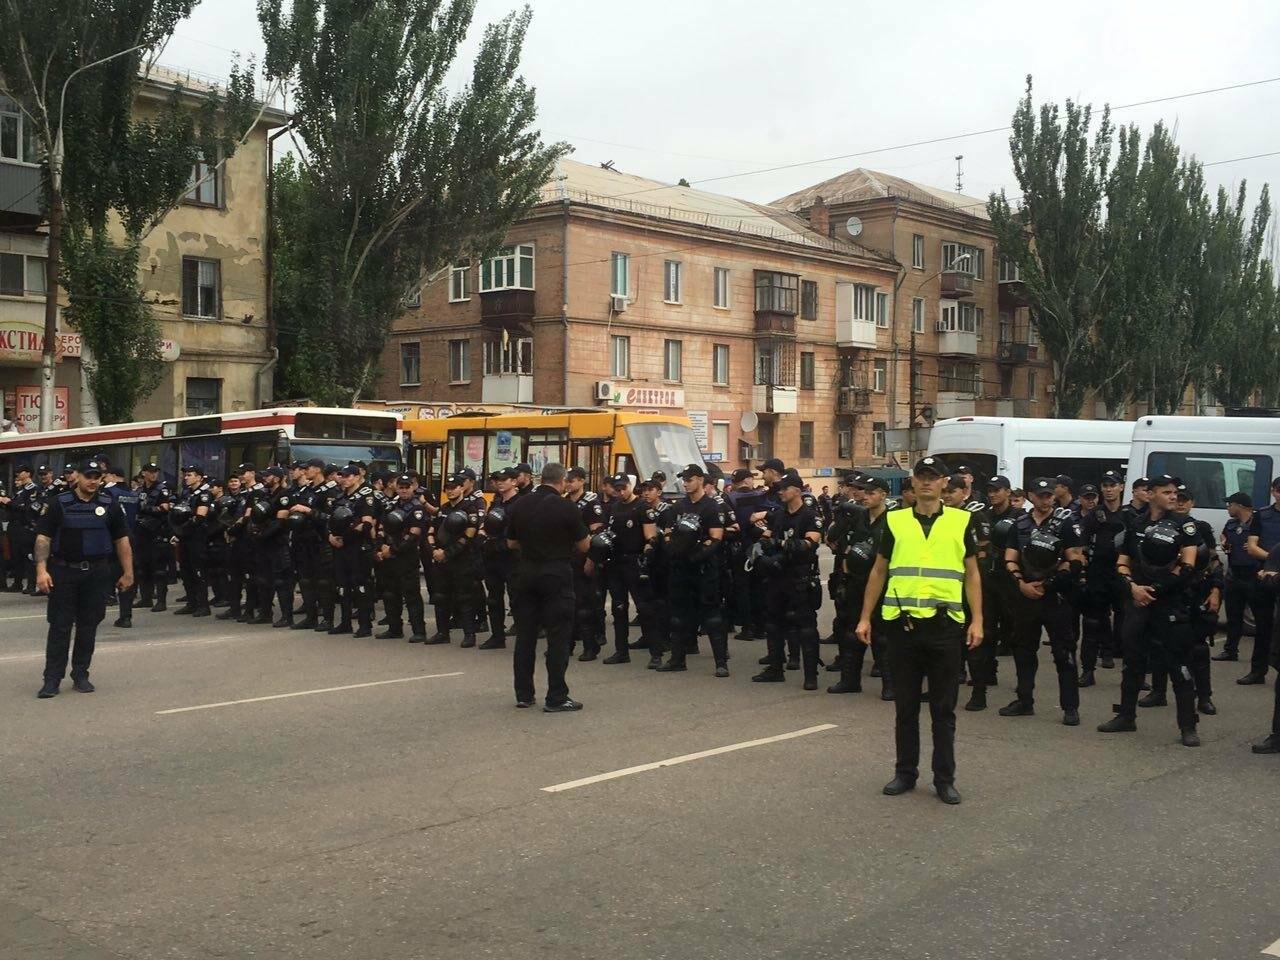 Такого Кривой Рог еще не видел: Сотни полицейских охраняли мирное шествие нескольких десятков людей, - ФОТО, фото-1